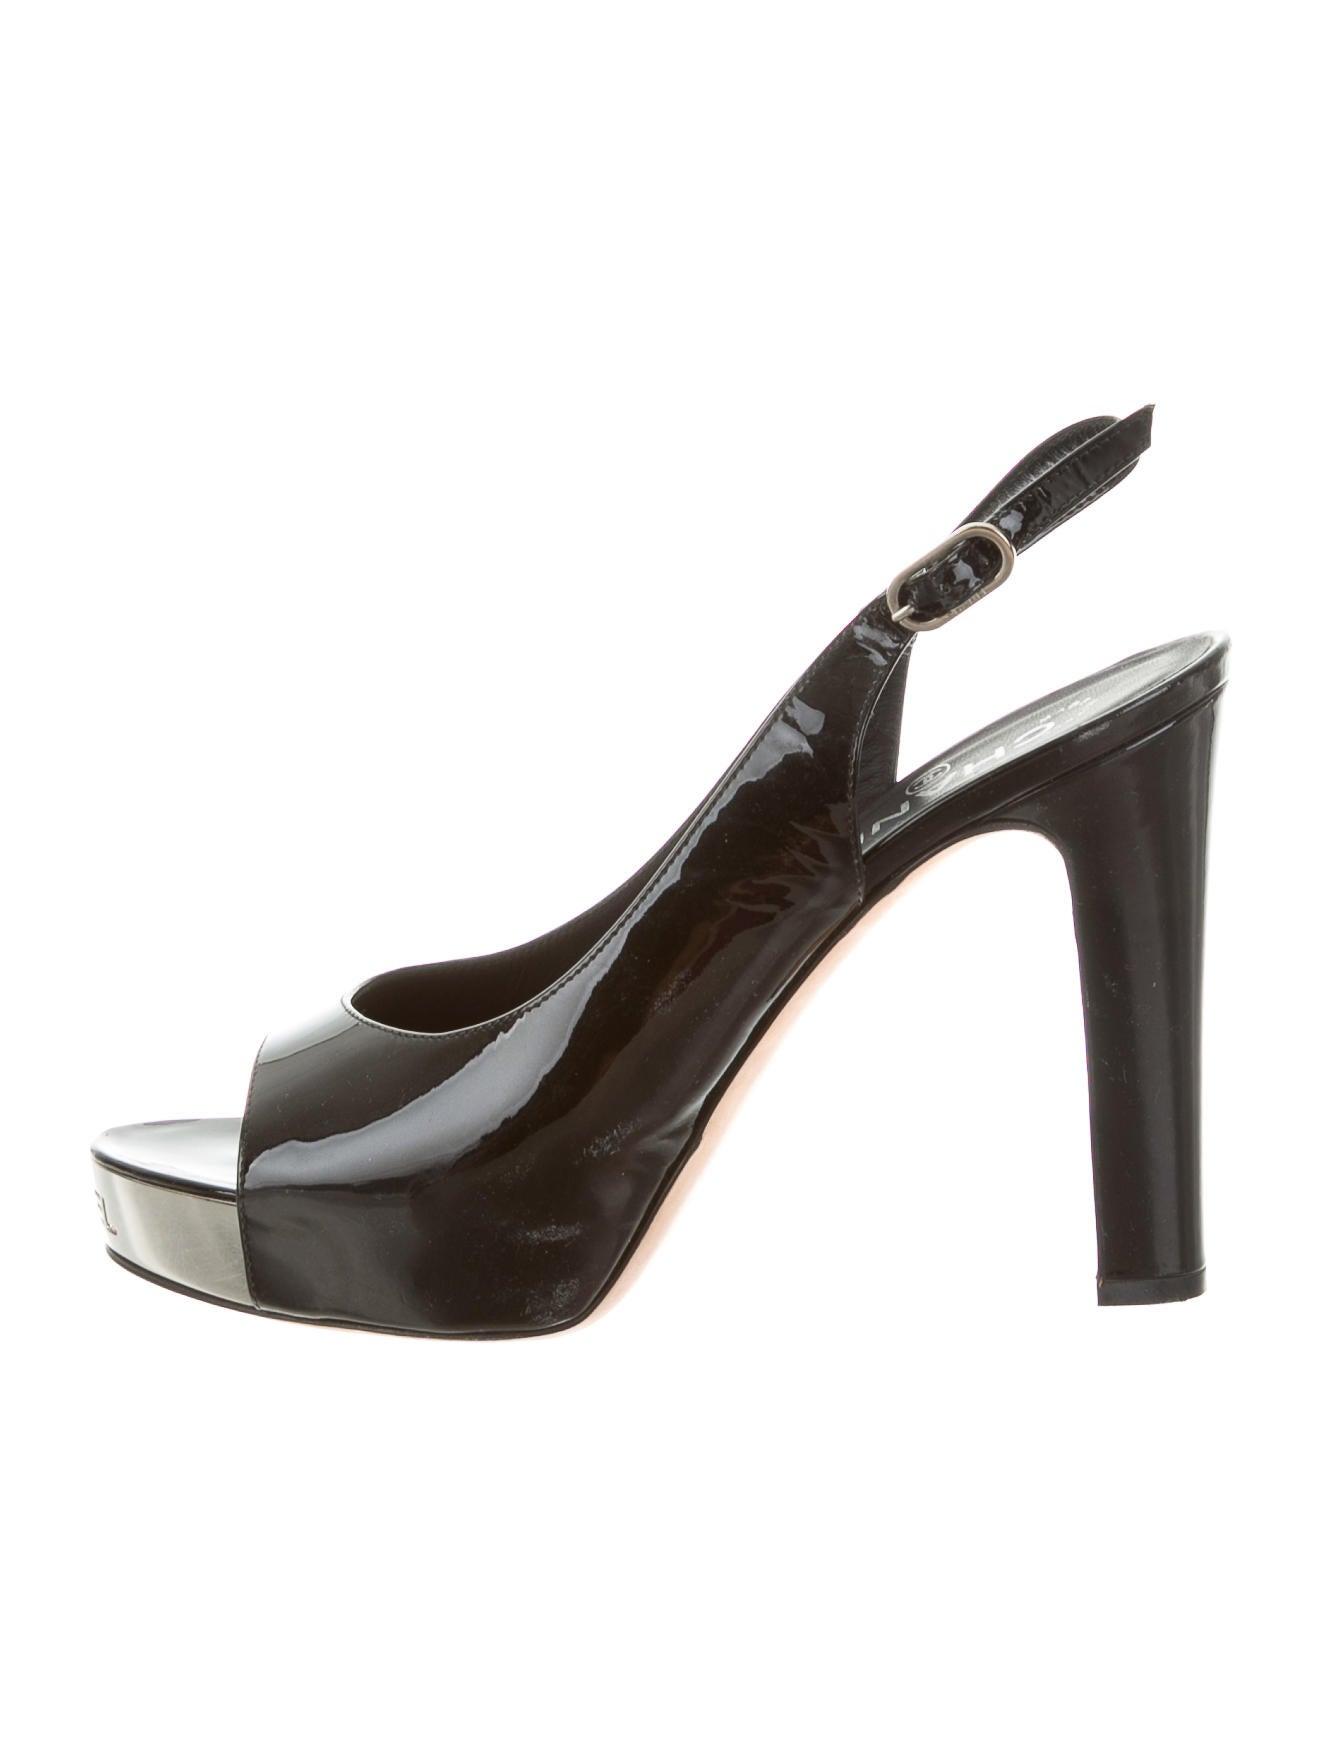 Chanel Peep-Toe Slingback Pumps - Shoes